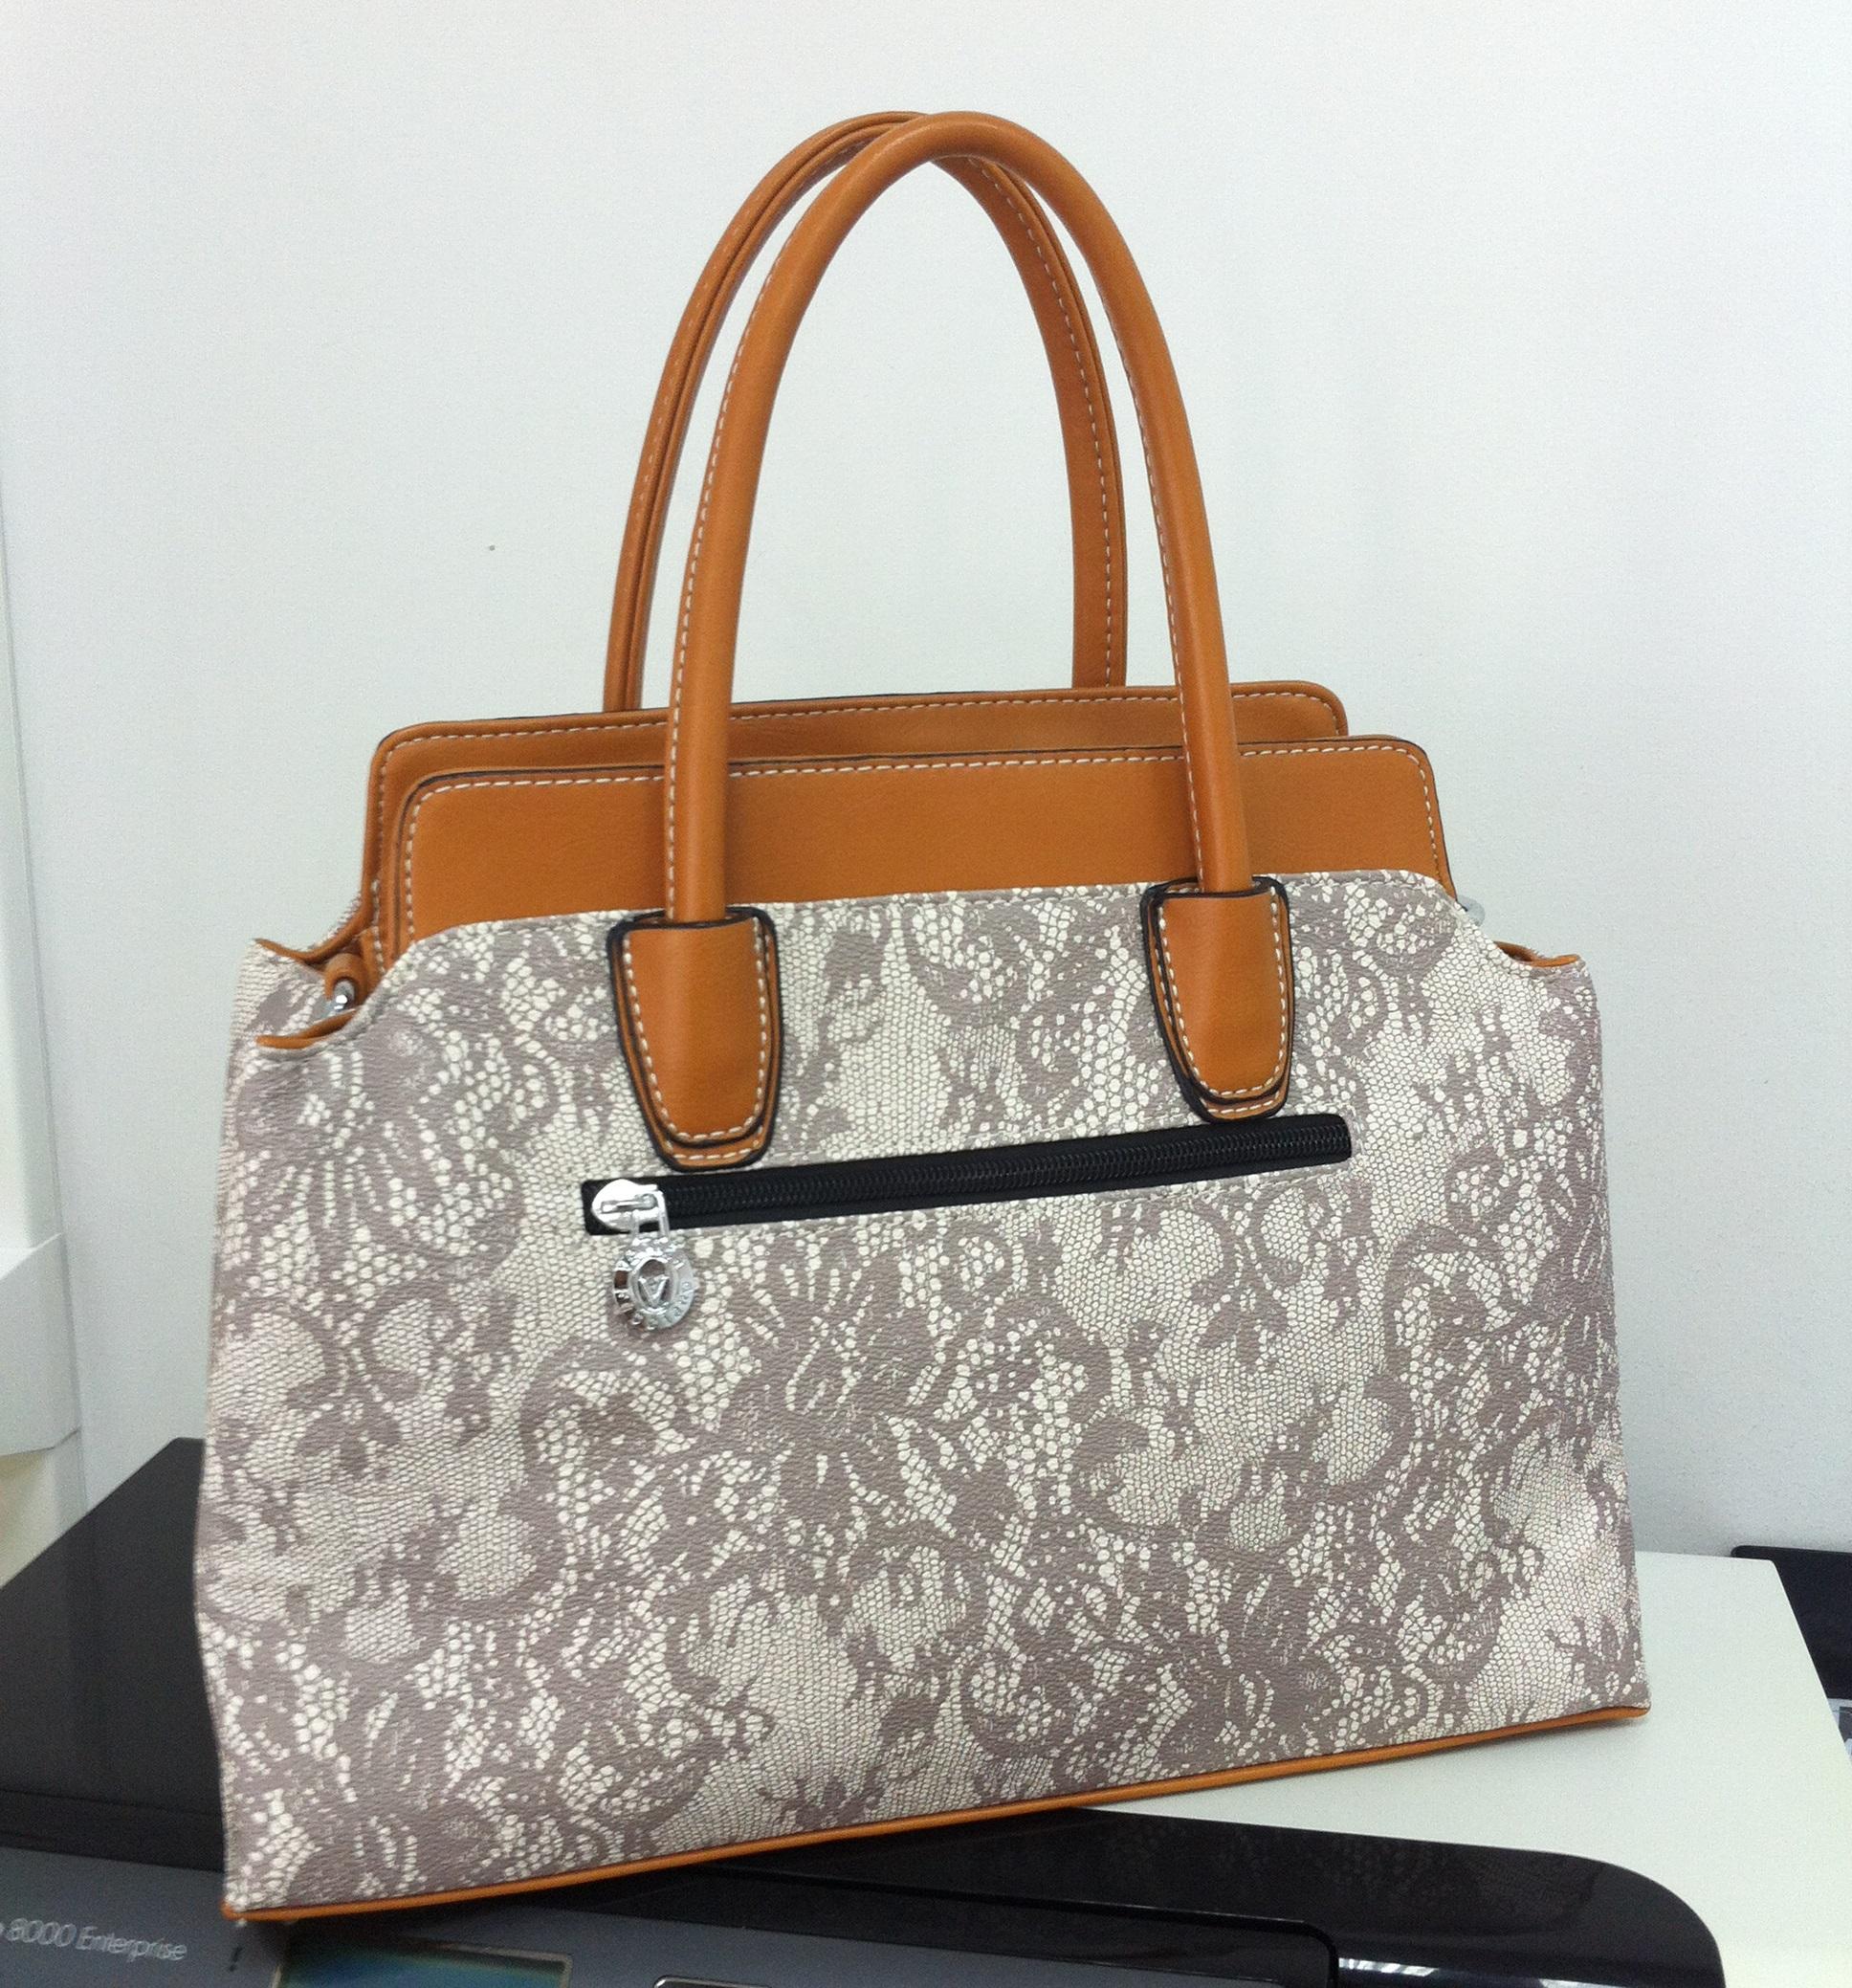 a3406836acd2 Заказывала сумку, очень понравилось качество, всё аккуратно прошито,  упакована была супер, в фирменные пакеты))) Цена сумки в интернет-магазине  в 3 раза ...